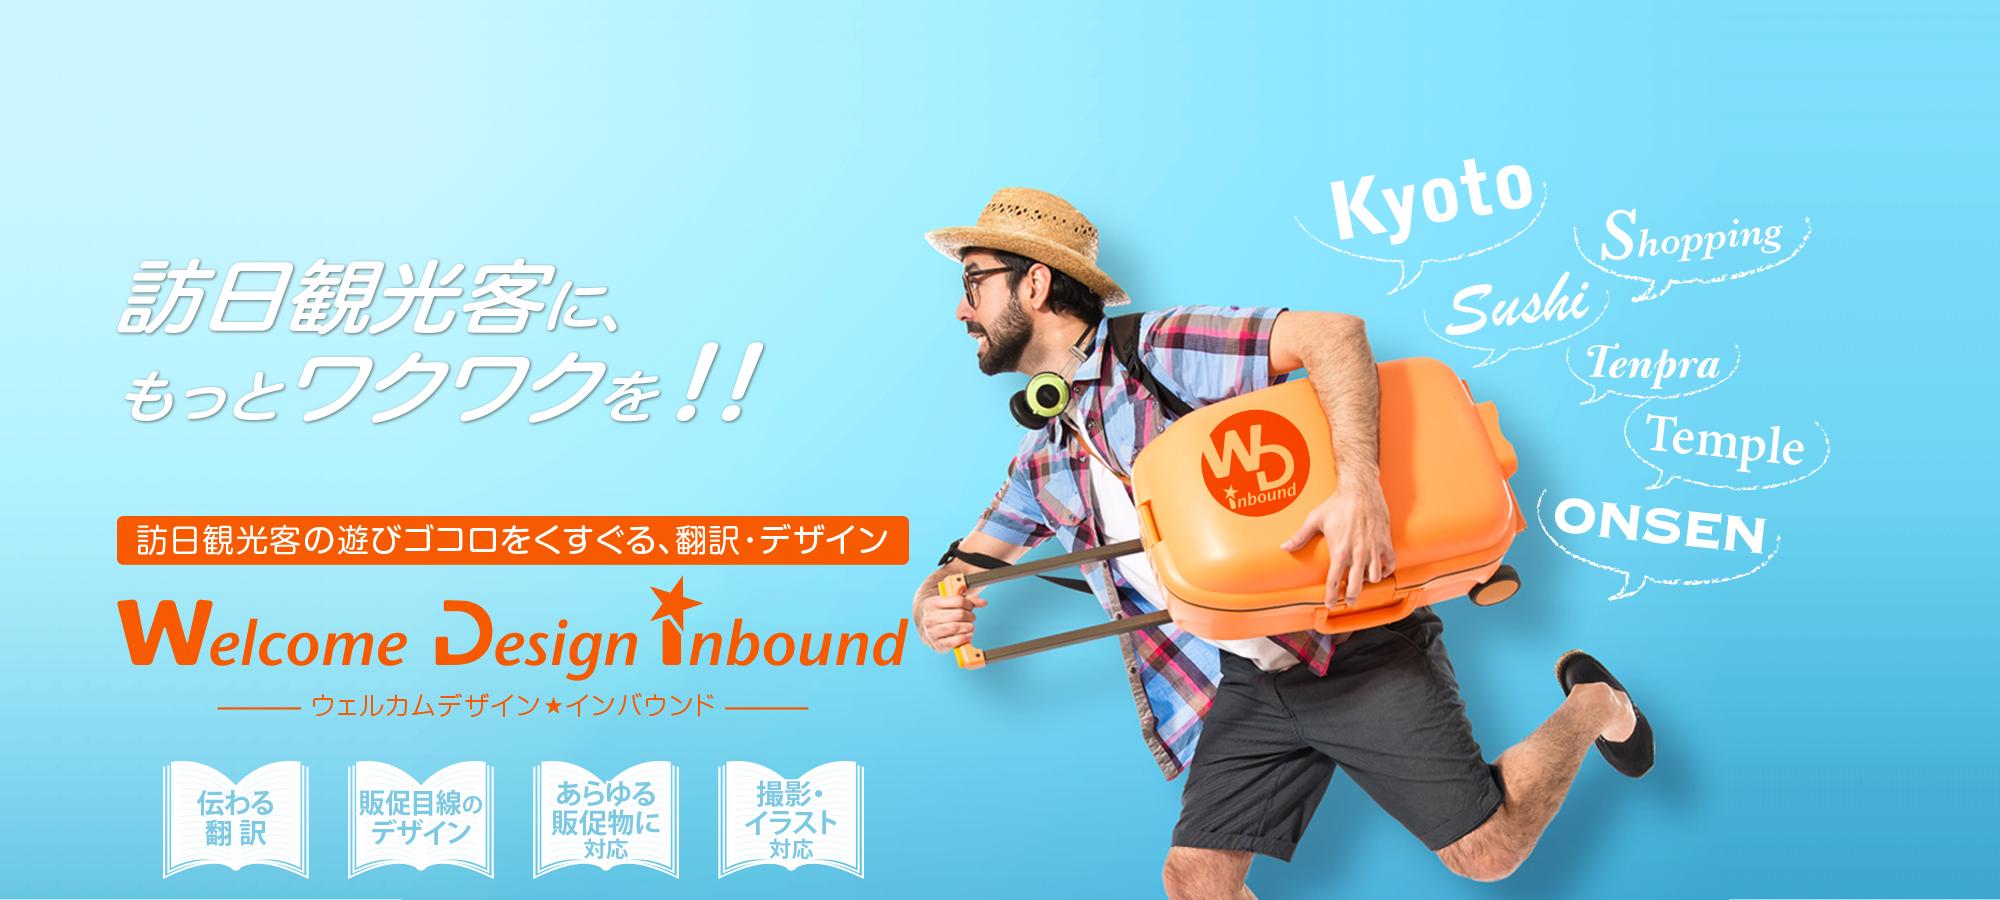 wd_inbound_img_01